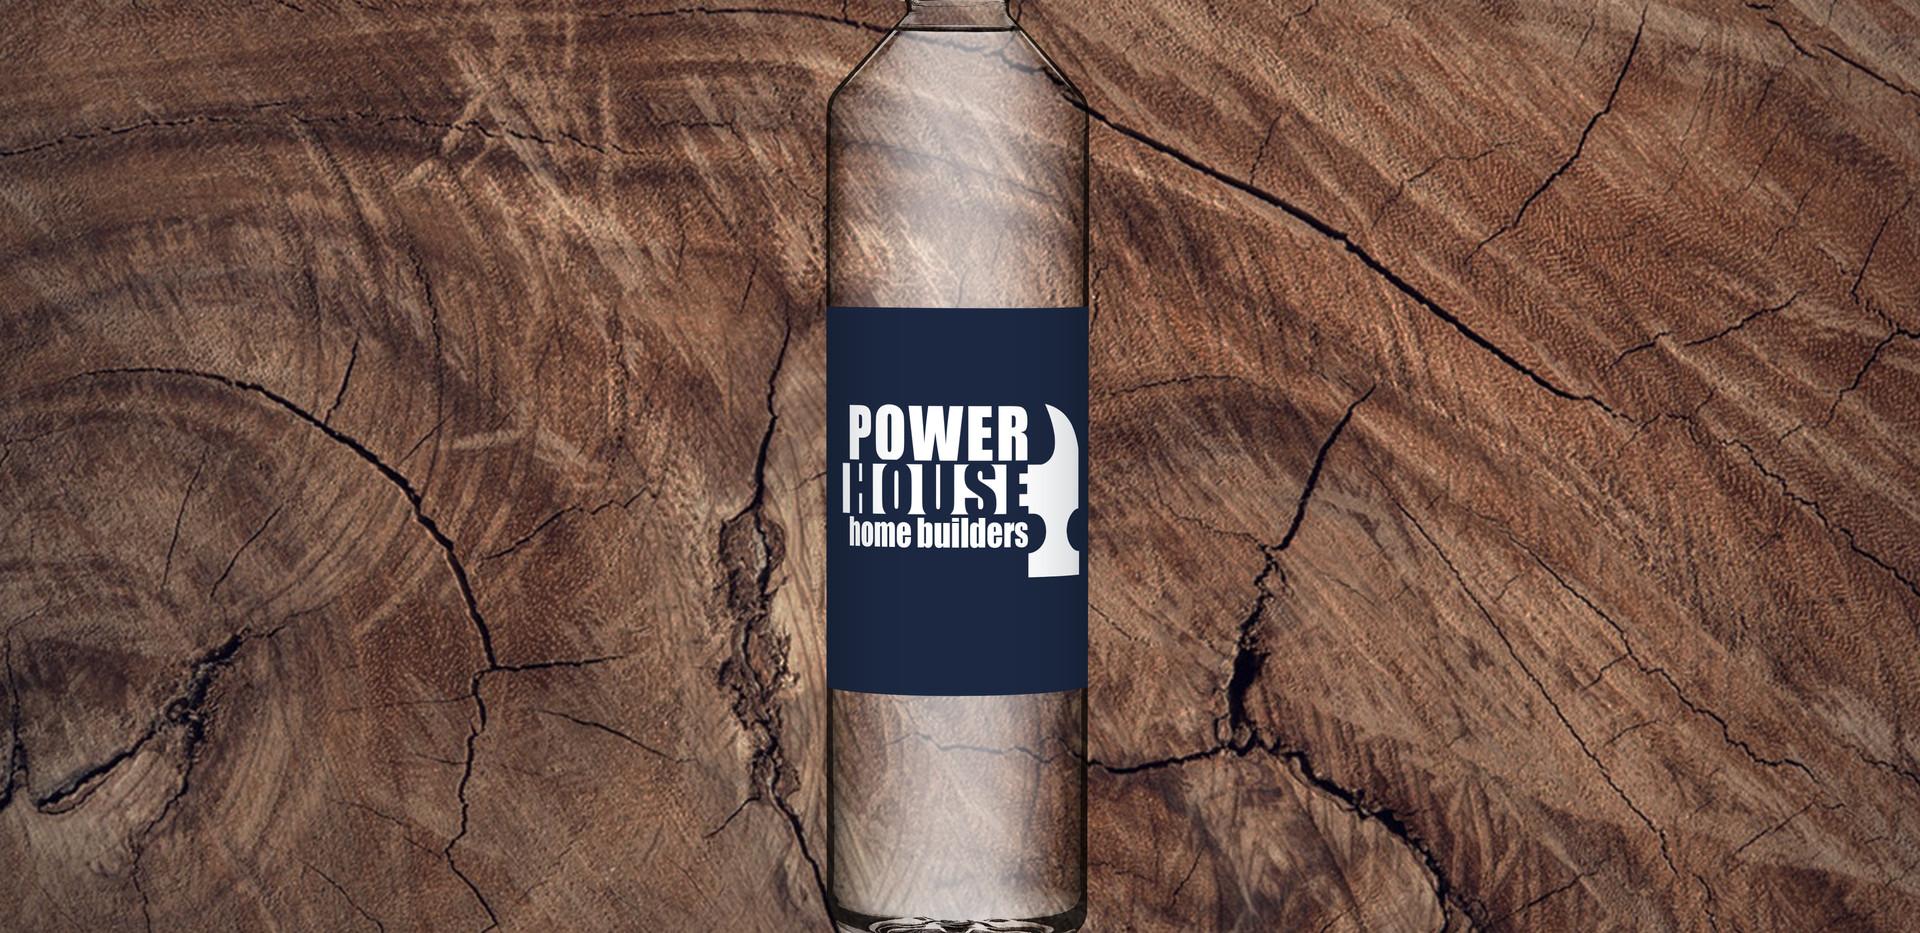 Powerhouse Home Builders Water Bottle